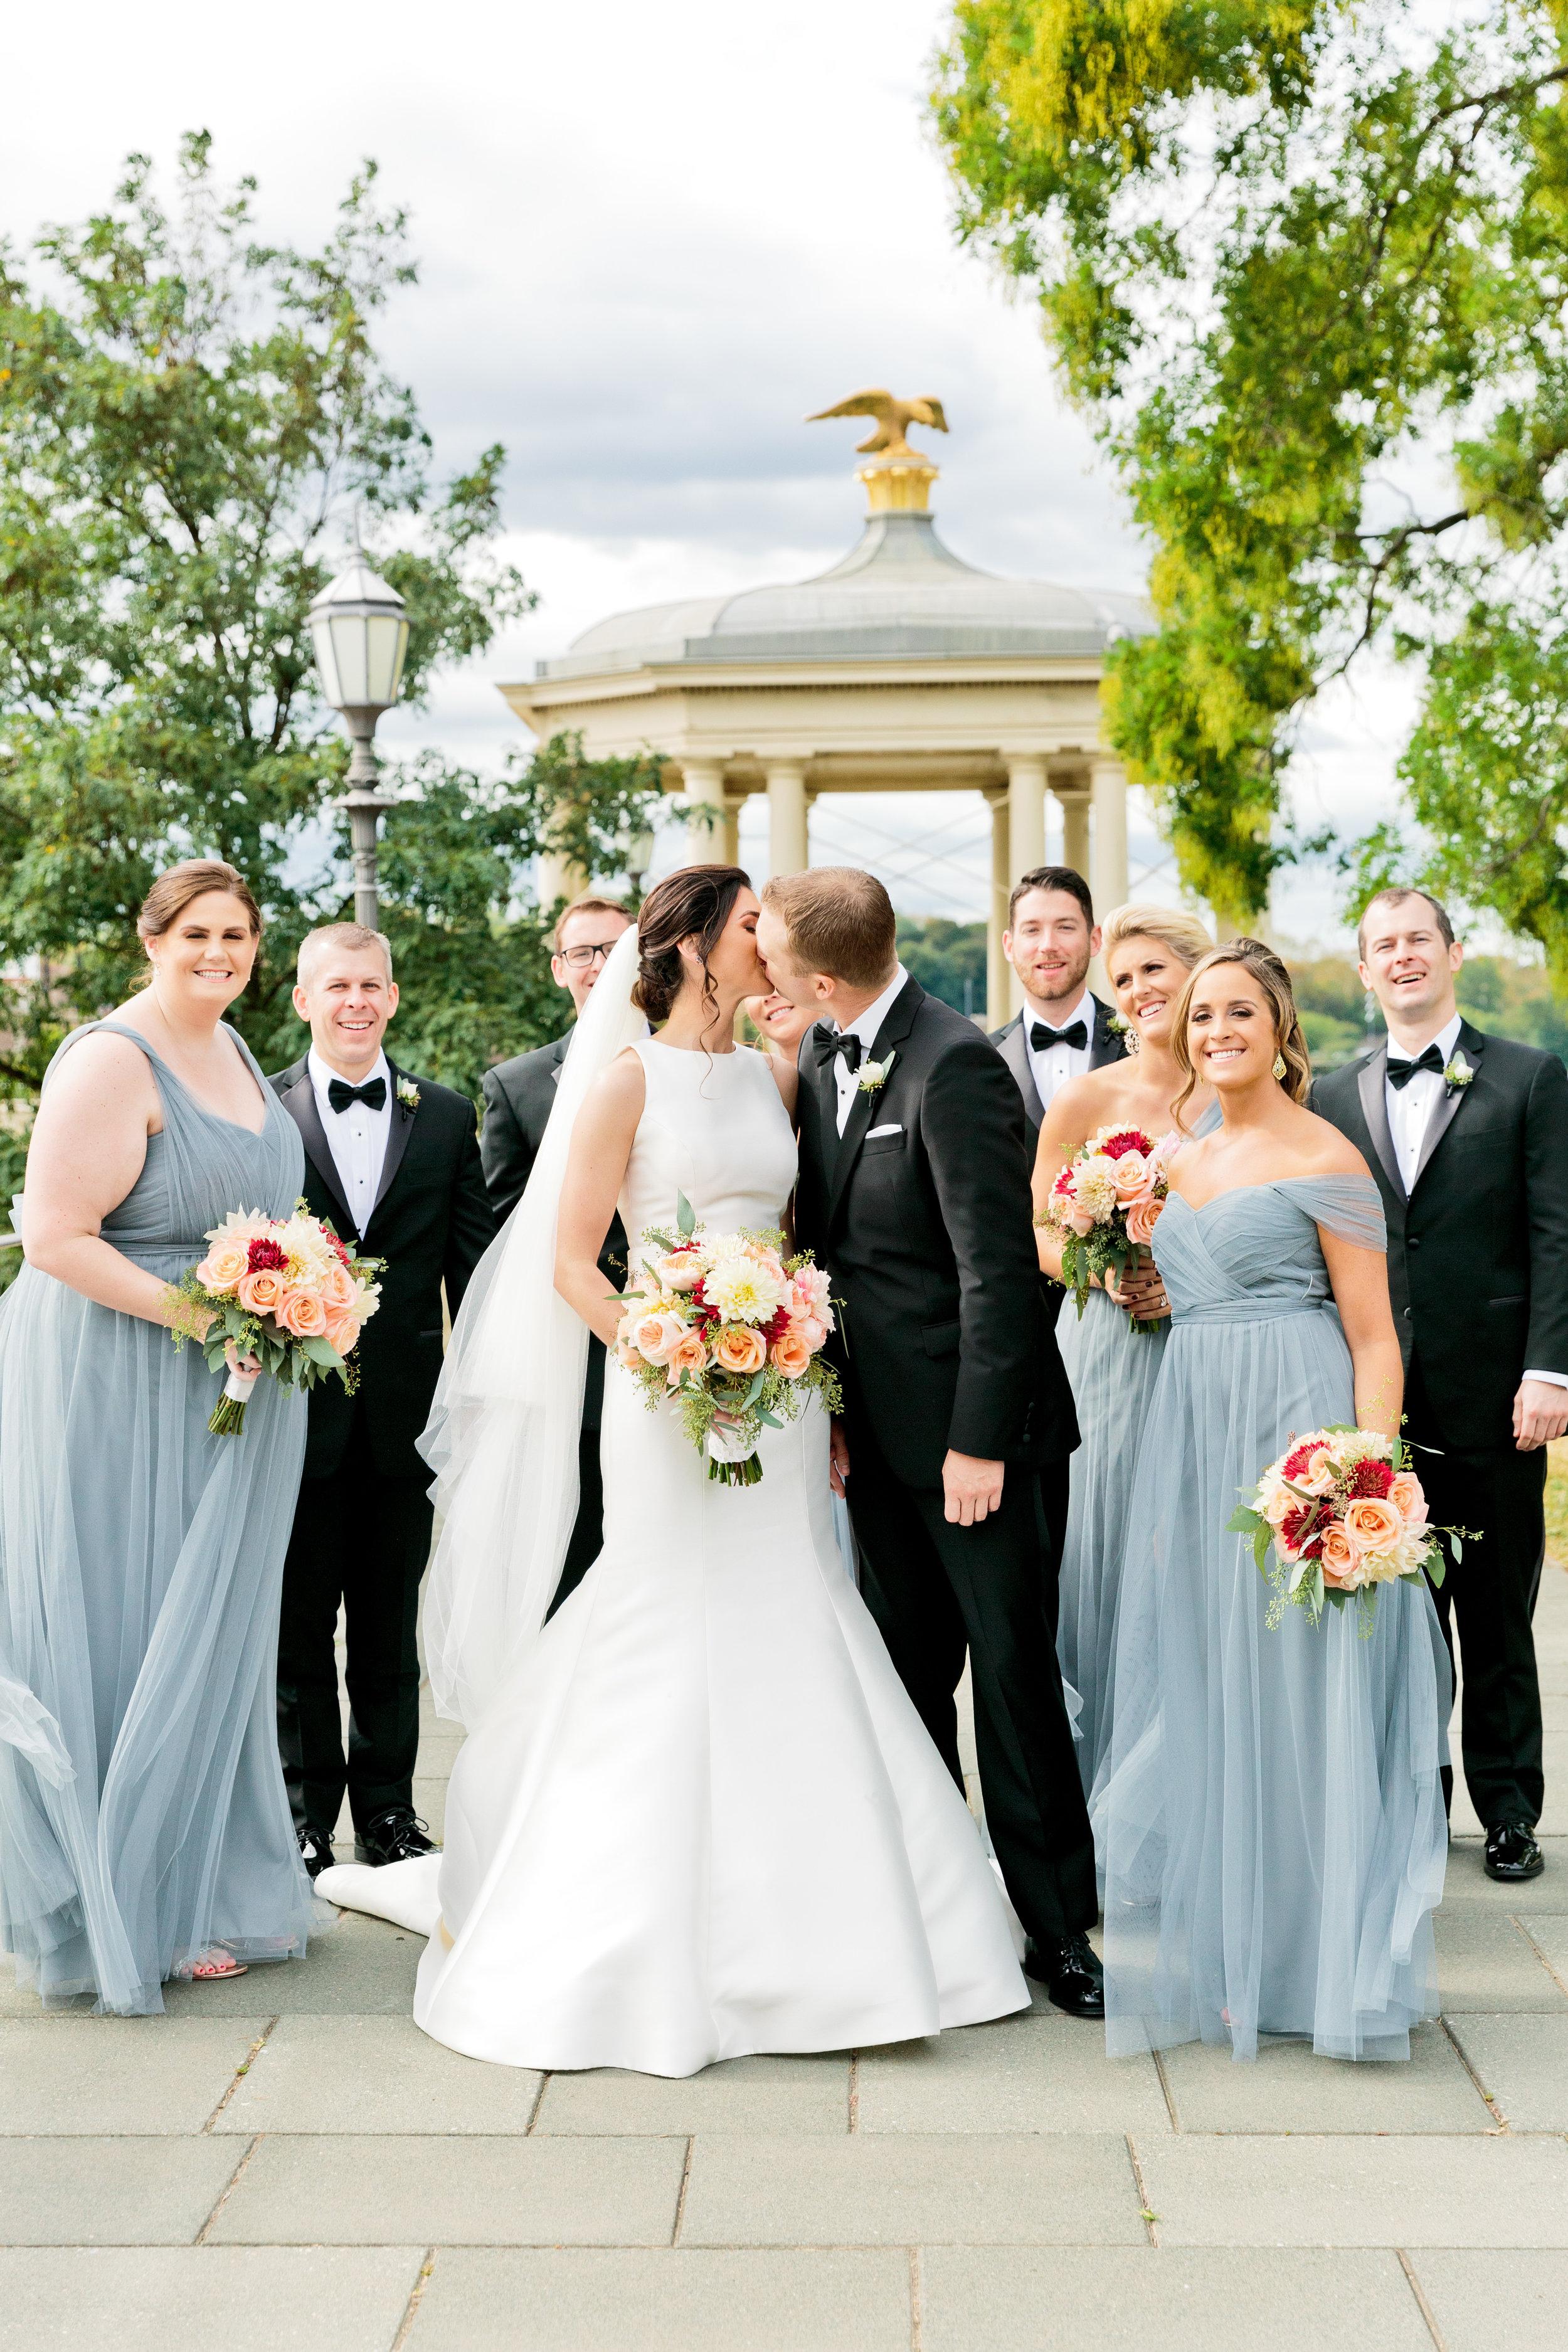 Hudson-Nichols-Black-Tie-Bride-Philadelphia-Waterworks-Wedding-Bride-Groom-Portraits56.jpg